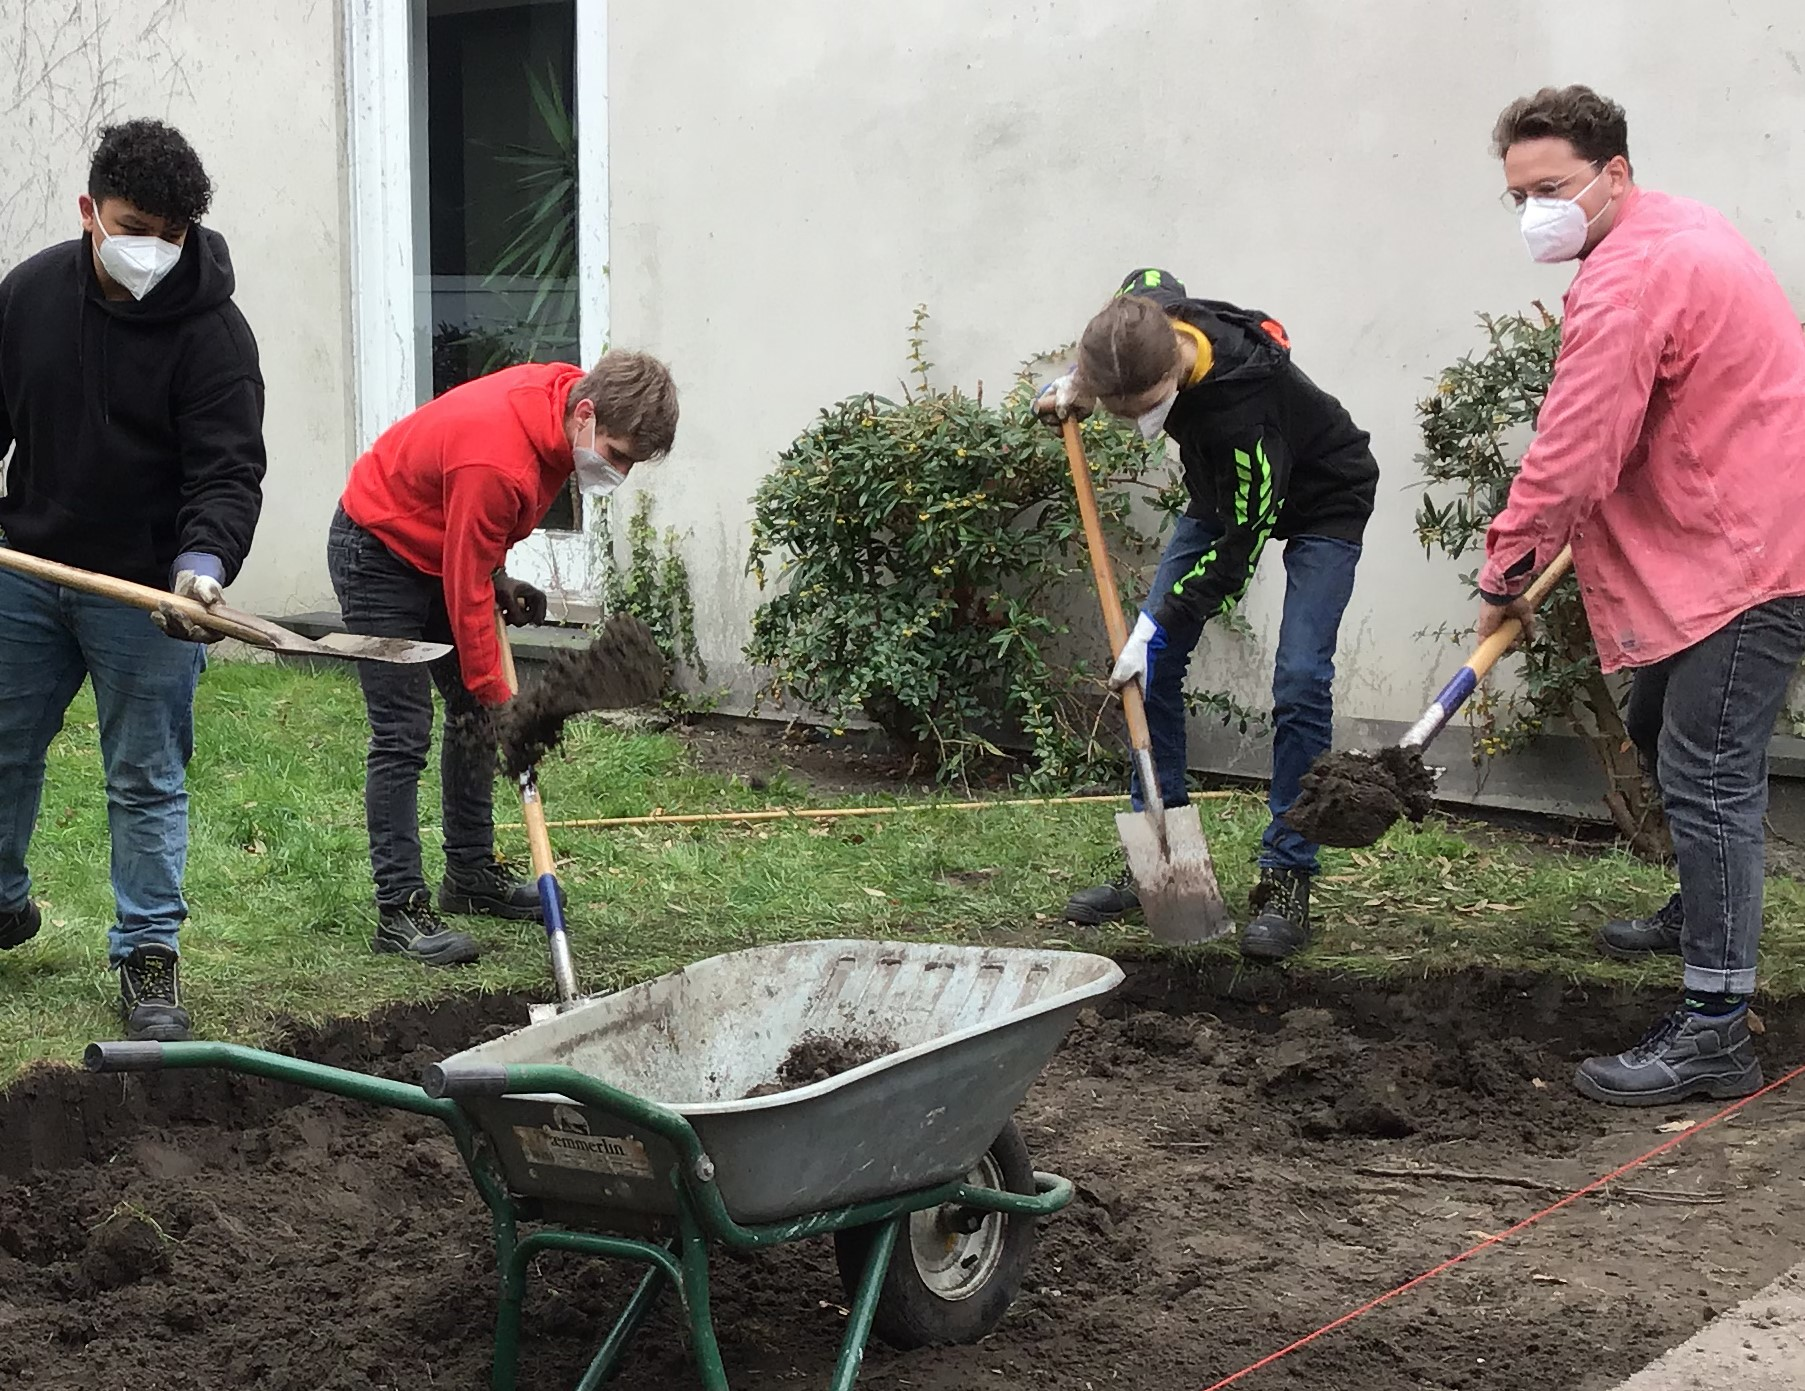 Friedensschule findet Lösung zur Umsetzung des Schülerbetriebspraktikums